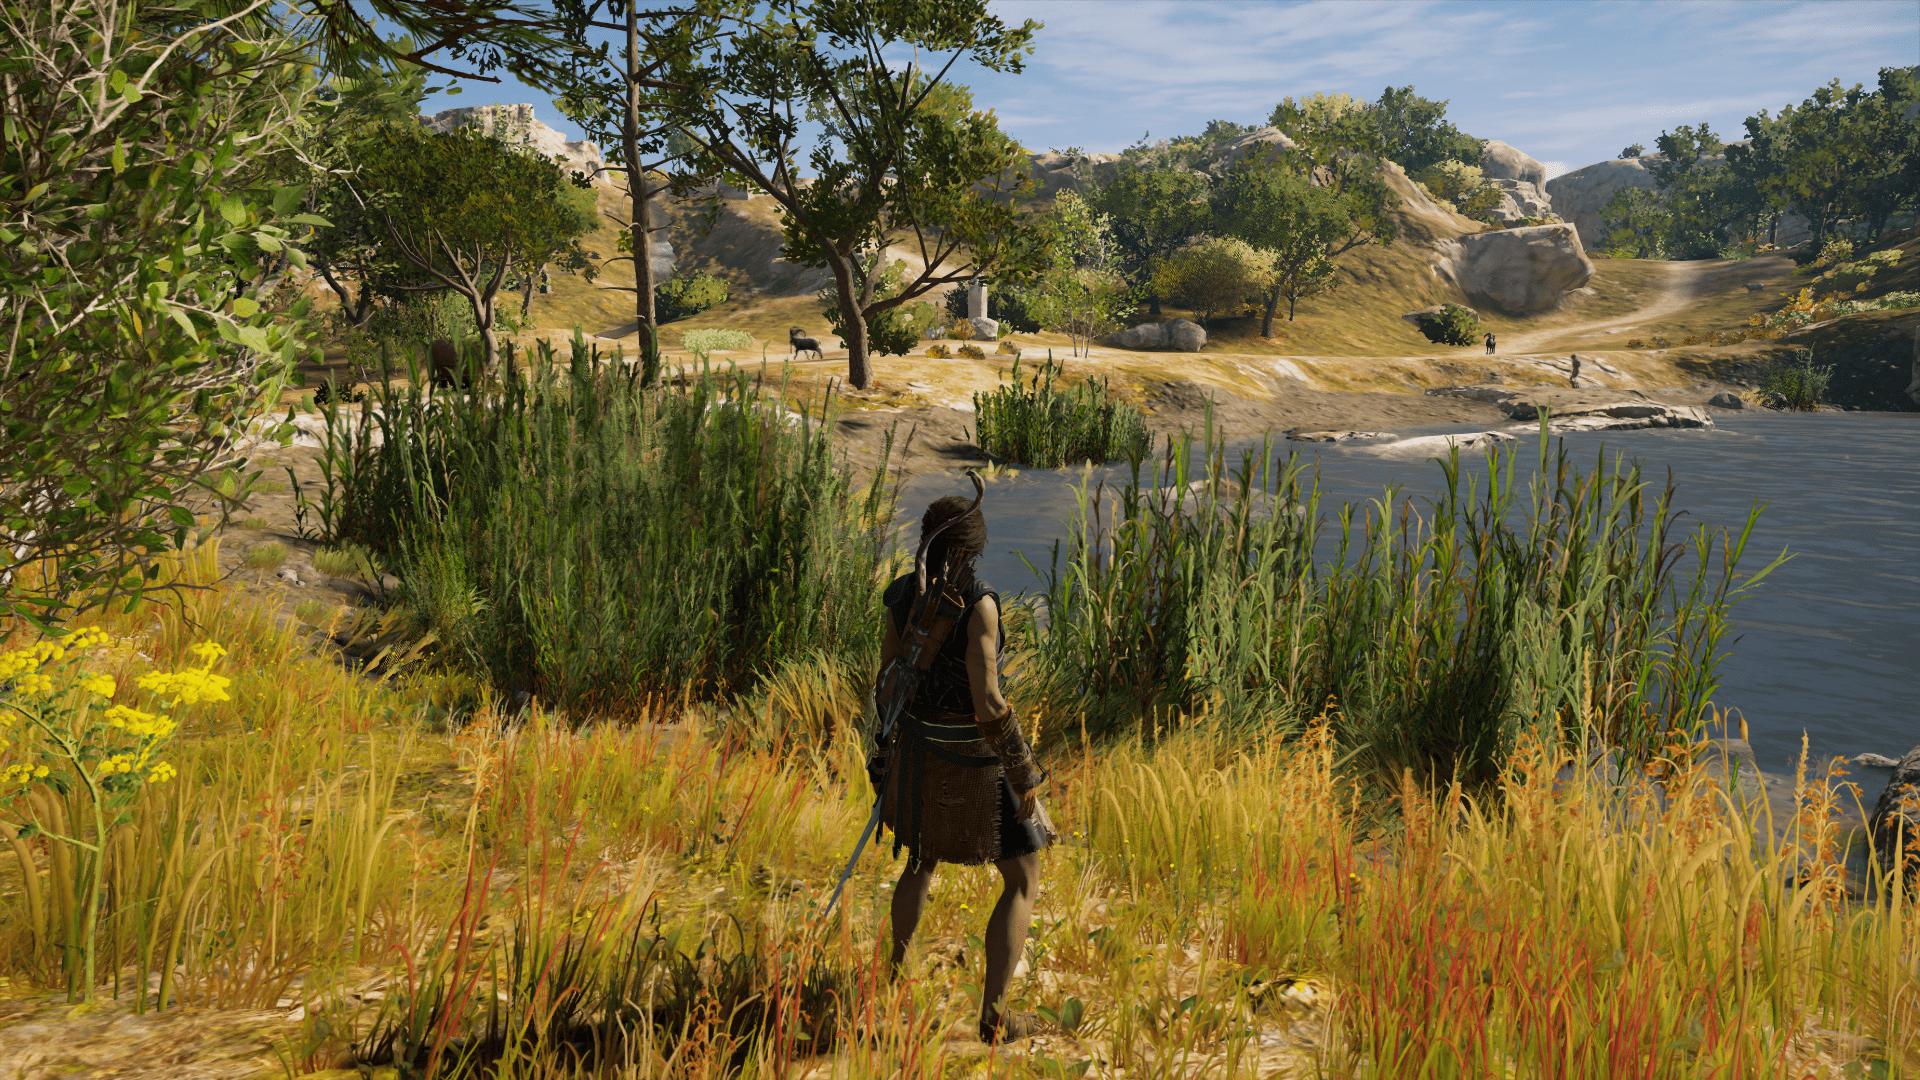 4Medio 1 - Assassin's Creed Odyssey - Recensione come gira su PC